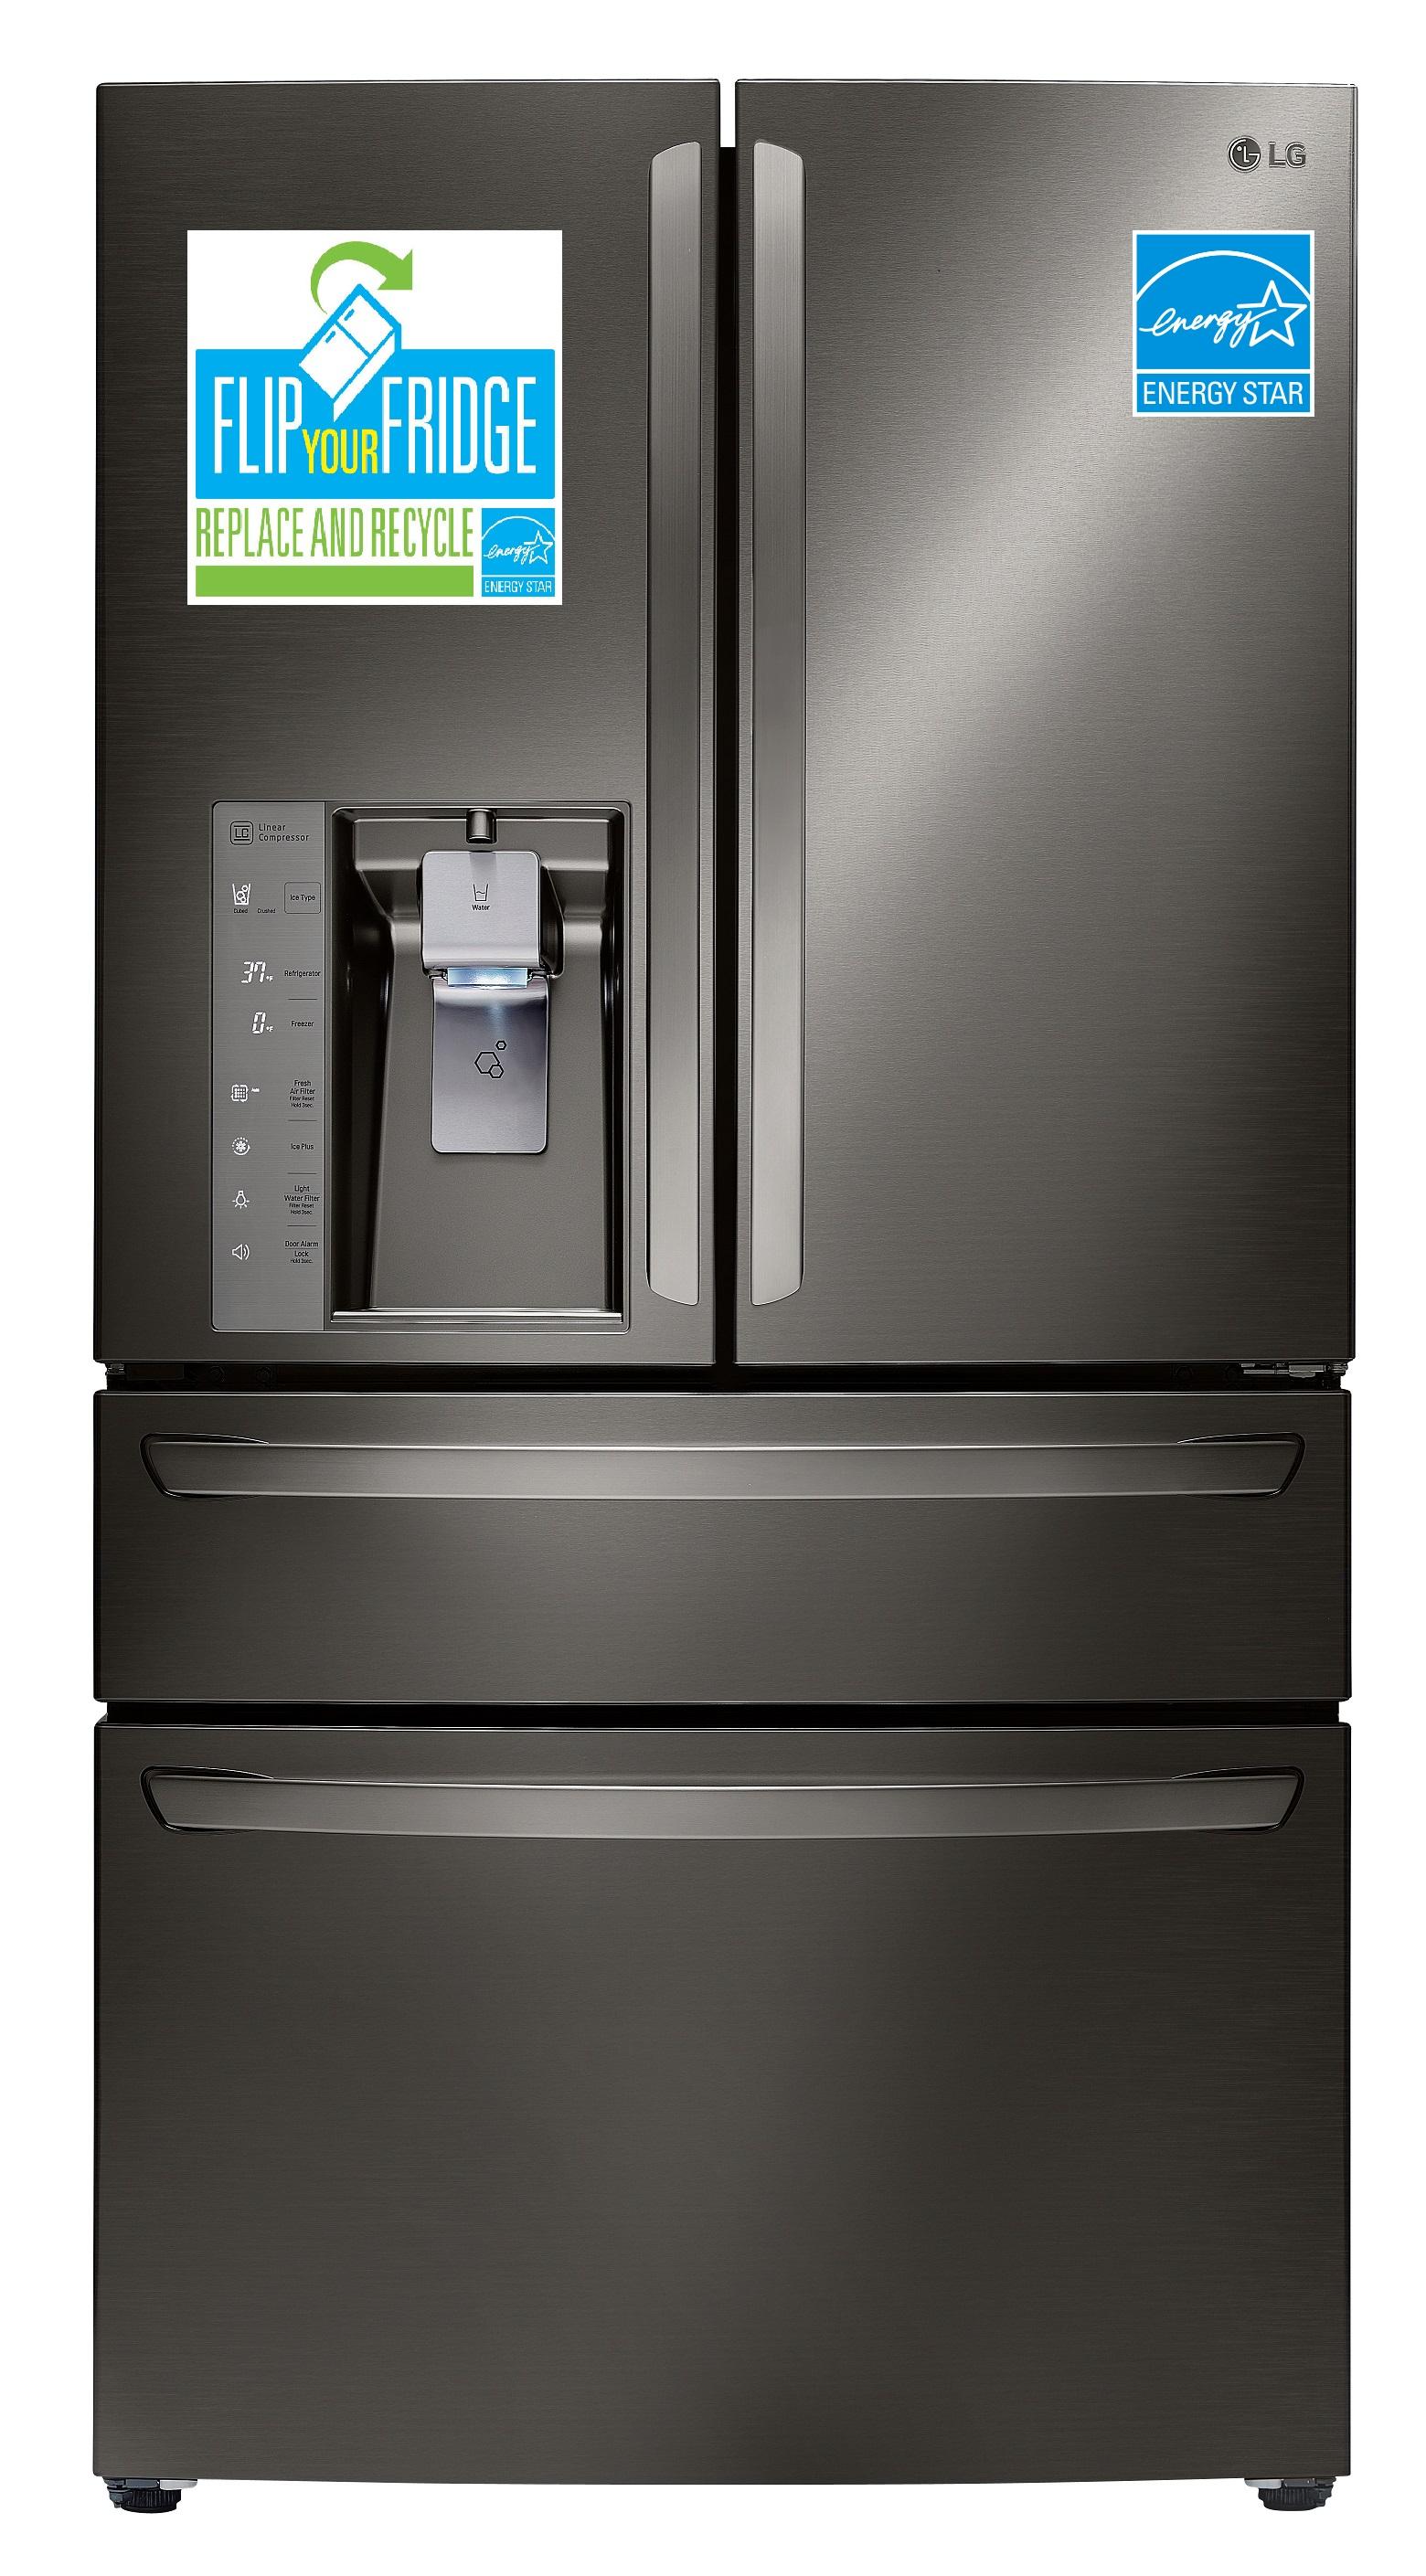 lg electronics refrigerator promotion encourages americans to flip your fridge 3bl media. Black Bedroom Furniture Sets. Home Design Ideas